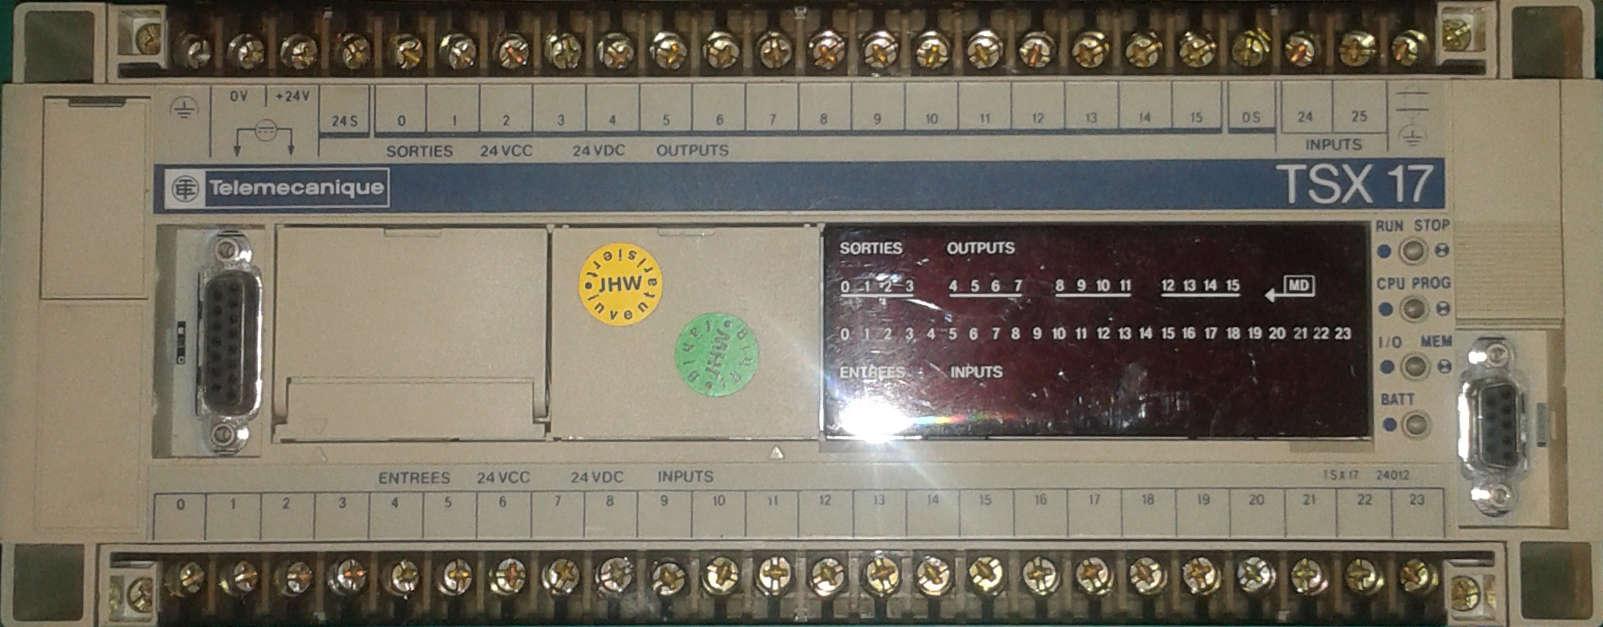 Câble de liaison PC  TSX17